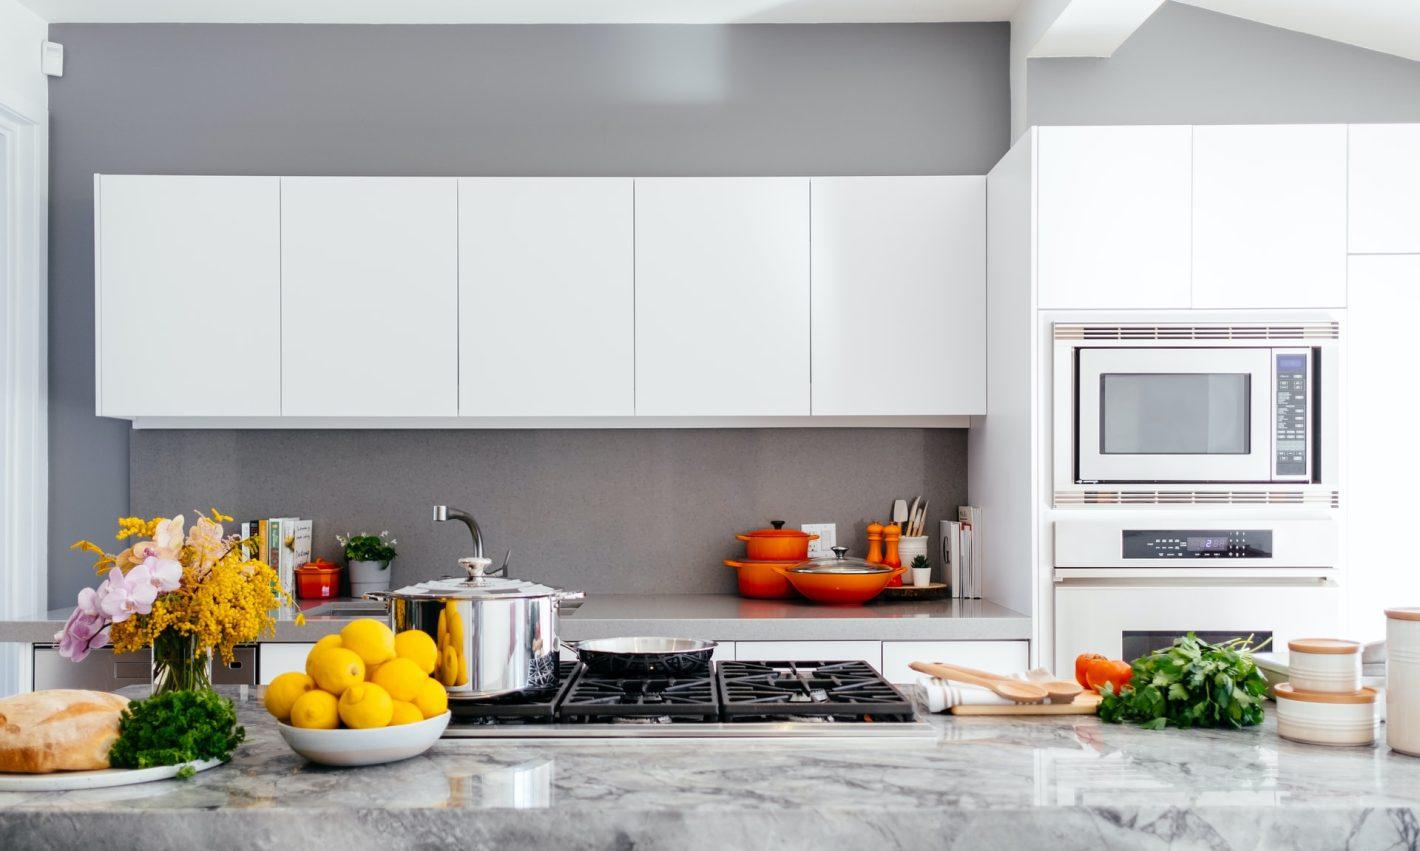 jak urządzić kuchnie